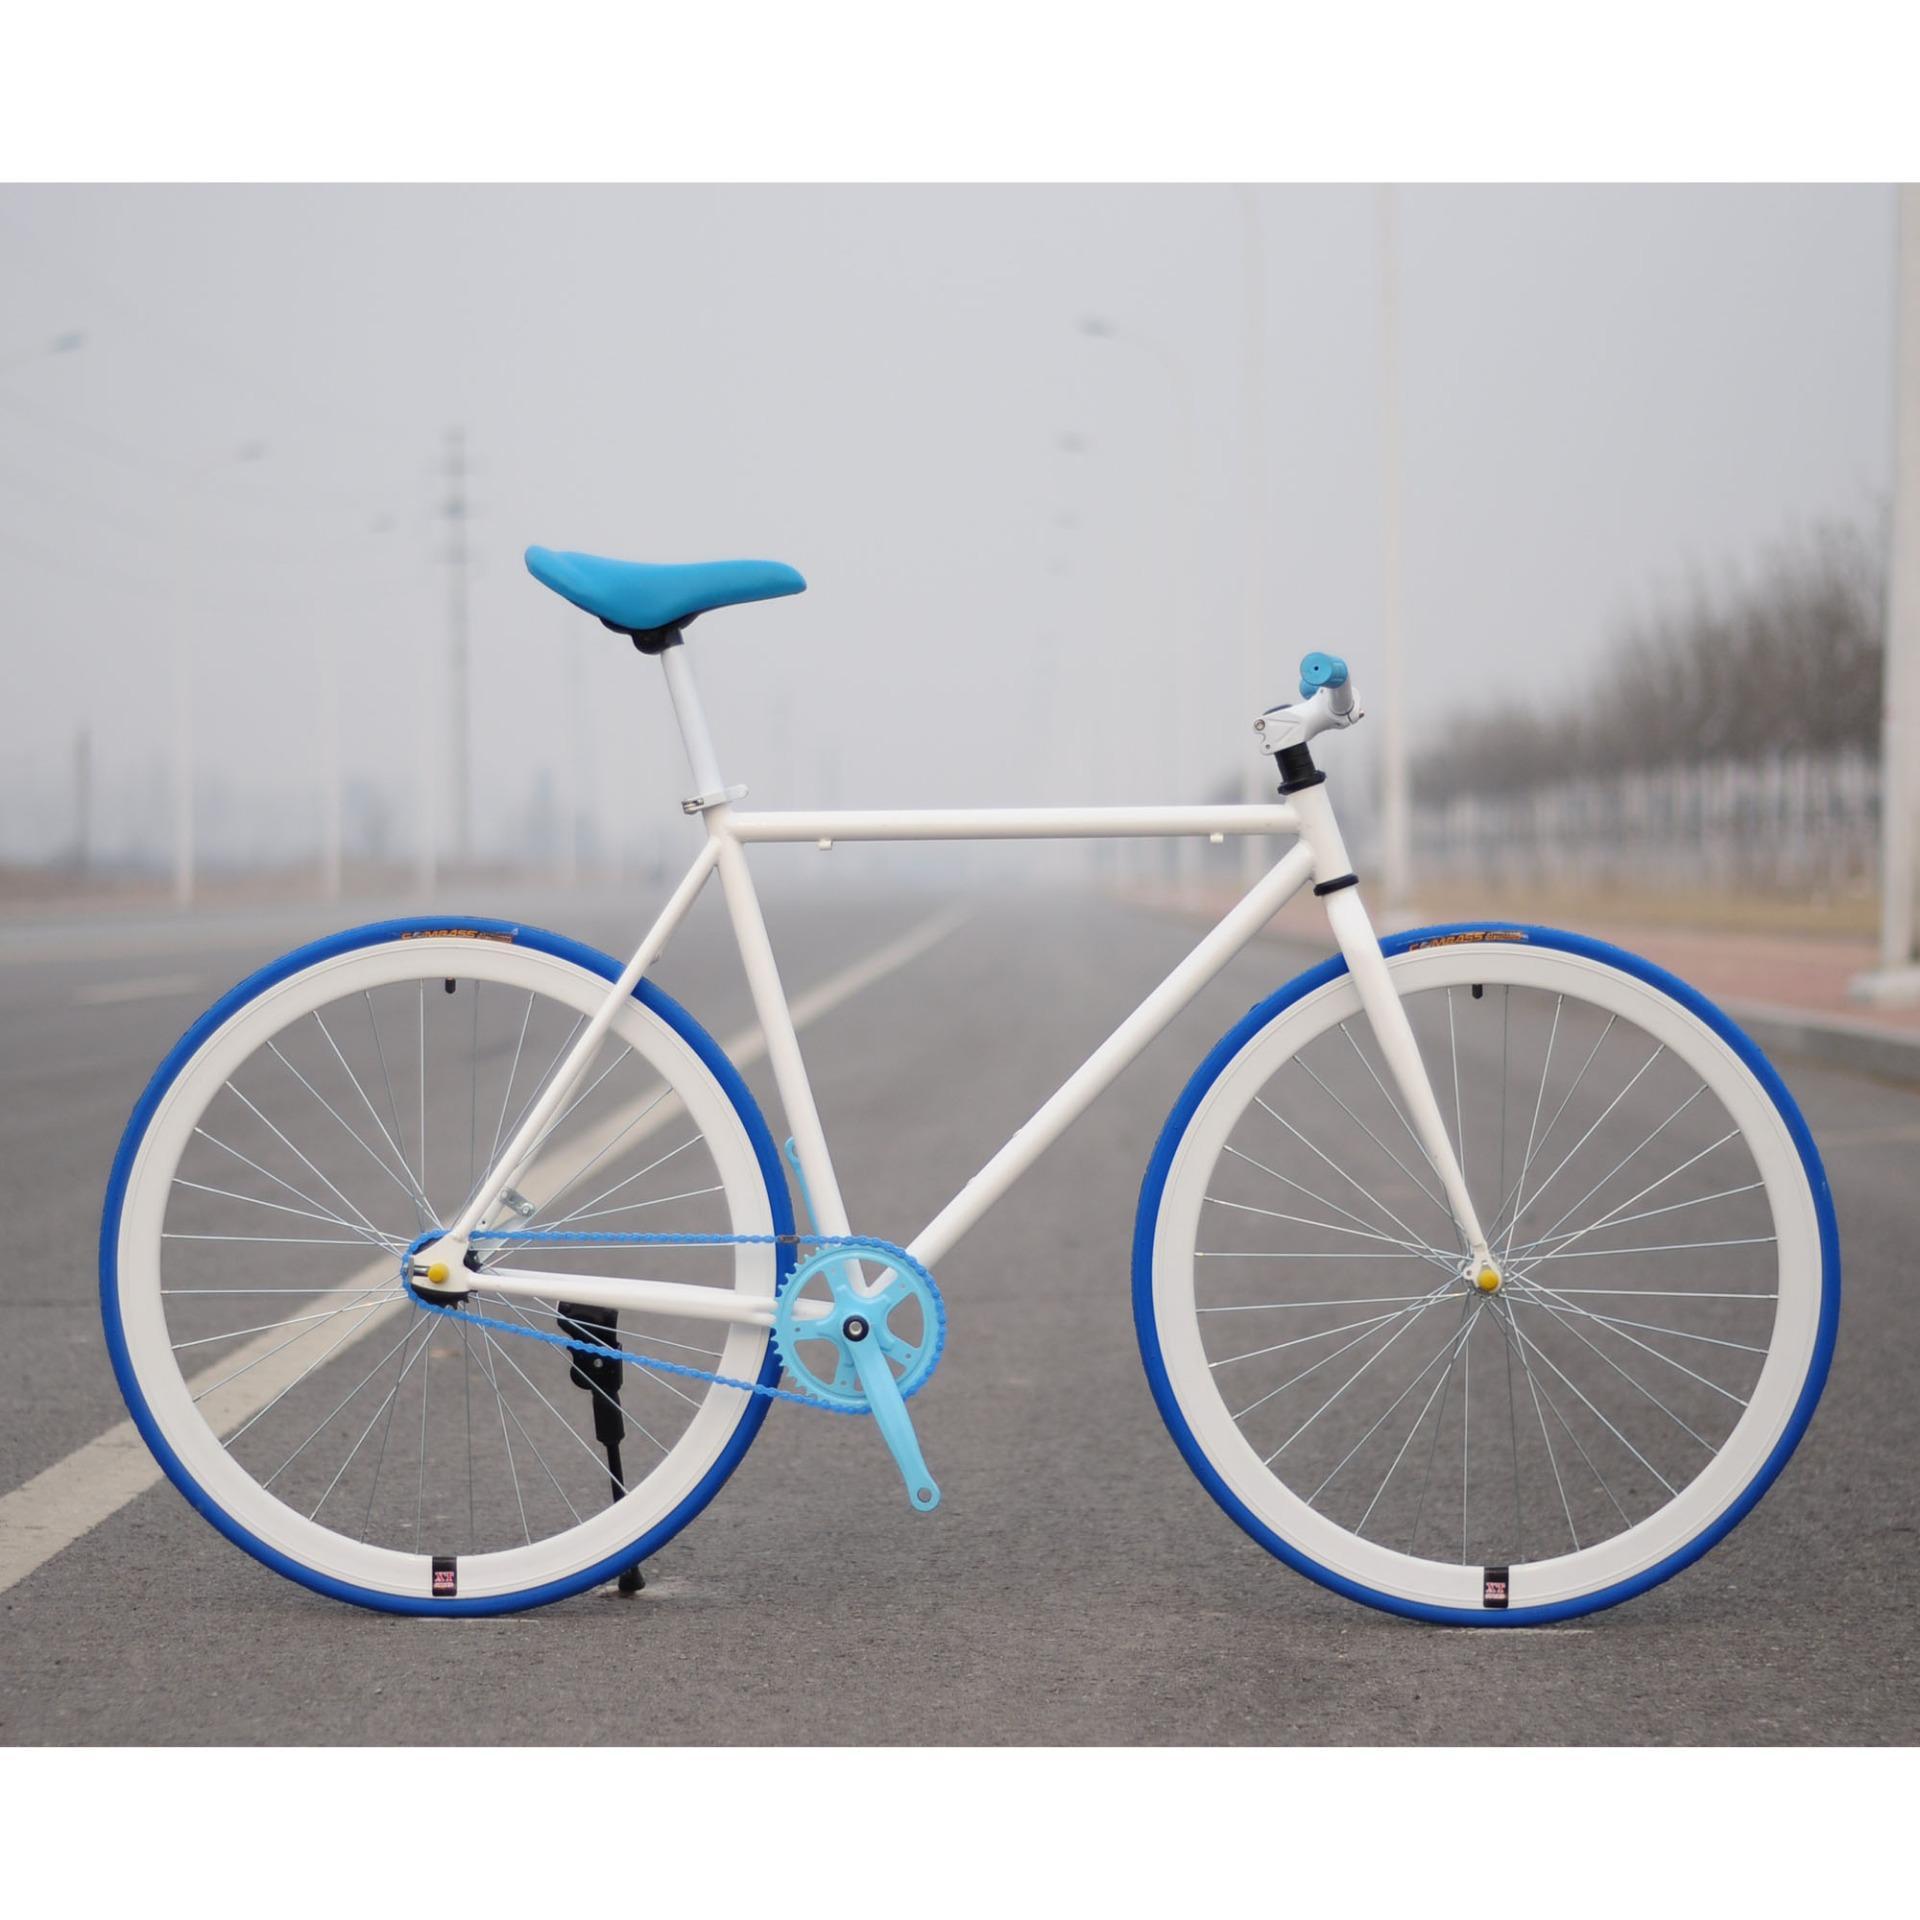 Xe đạp Fixed Gear Single Speed (Trắng vành trắng)